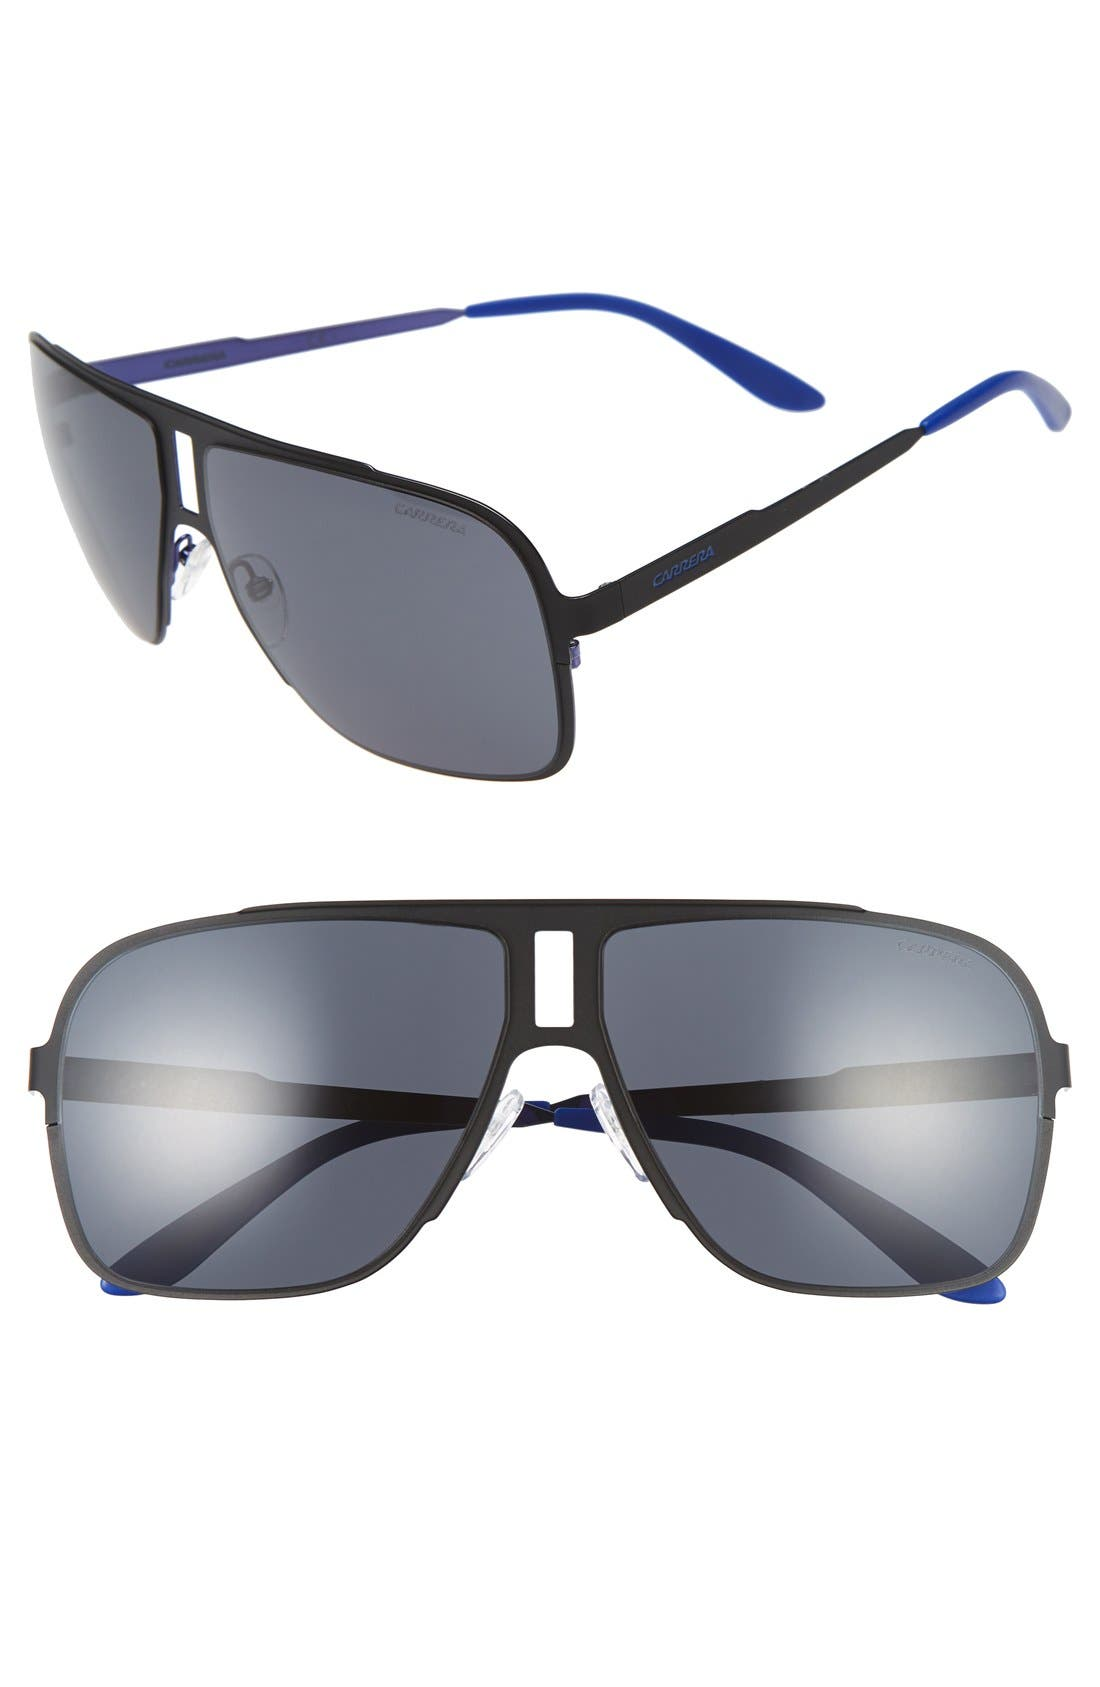 CARRERA EYEWEAR 121/S 62mm Aviator Sunglasses